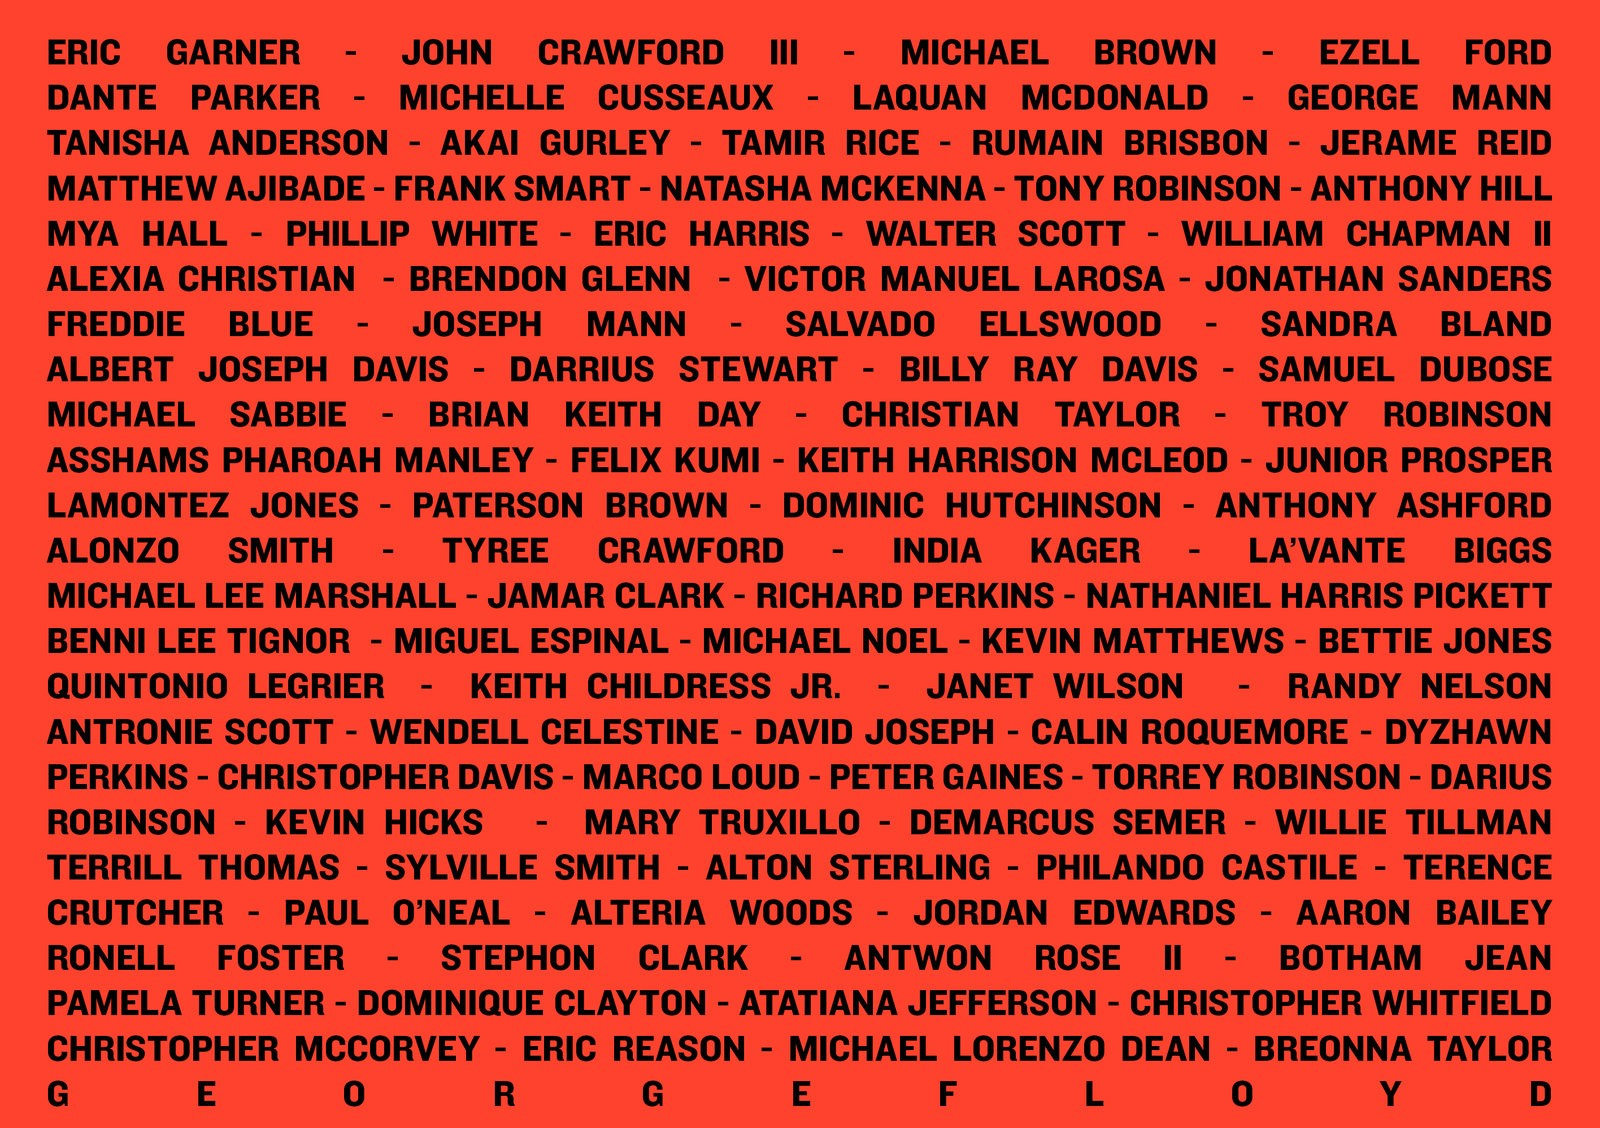 قائمة بضحايا الأميركيين الأفارقة على يد الشرطة منذ مقتل إريك غارنر عام 2014 (ان بي آر).jpg